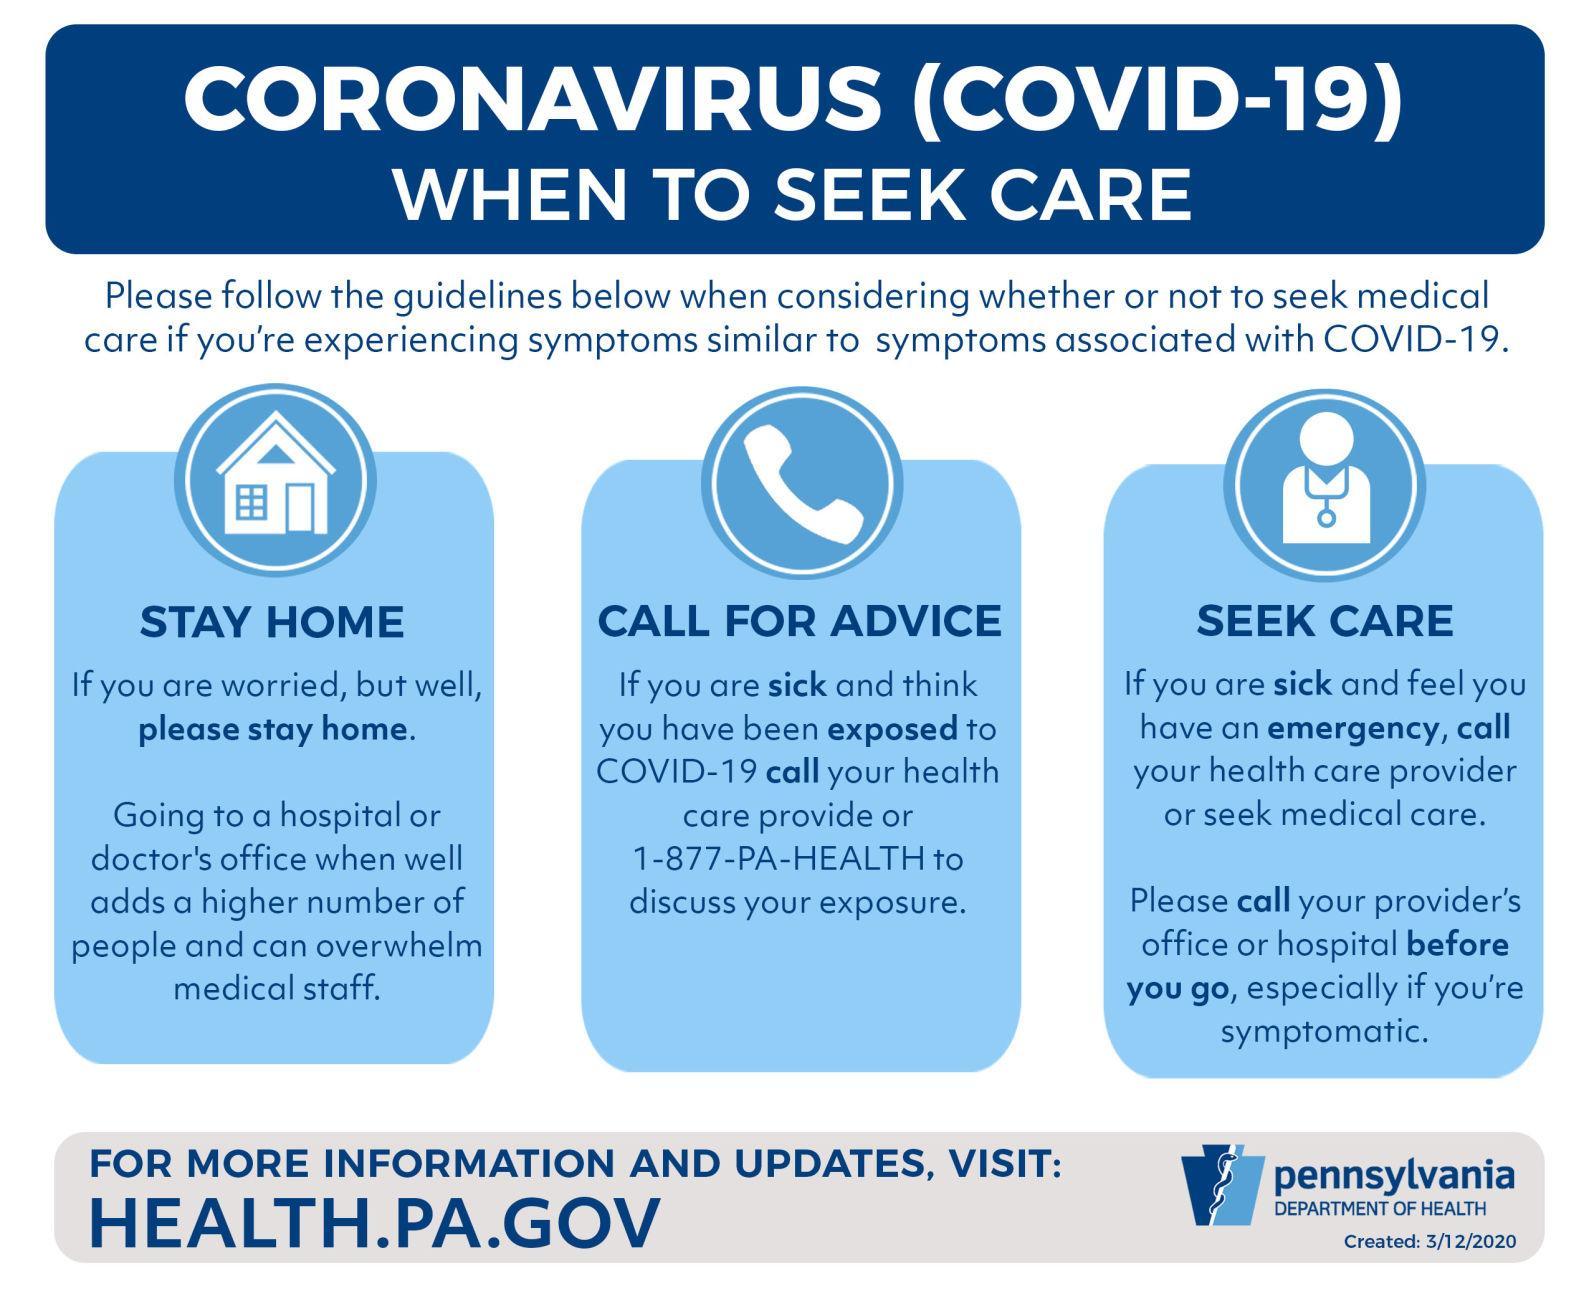 COVID-19 Care